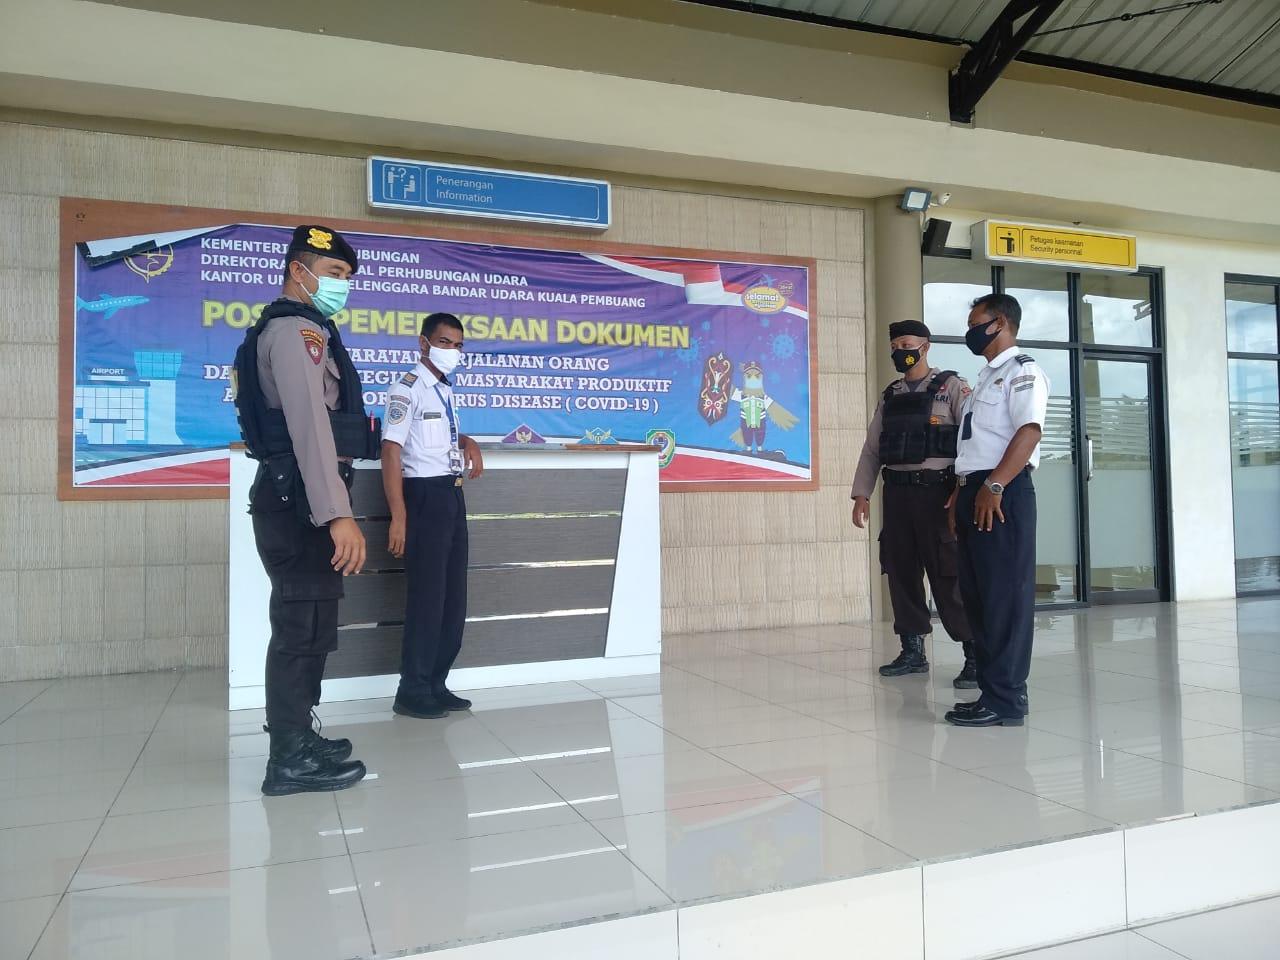 POLISI RUTIN LAKUKAN PATROLI PENGAMANAN DI KAWASAN BANDARA KUALA PEMBUANG 1